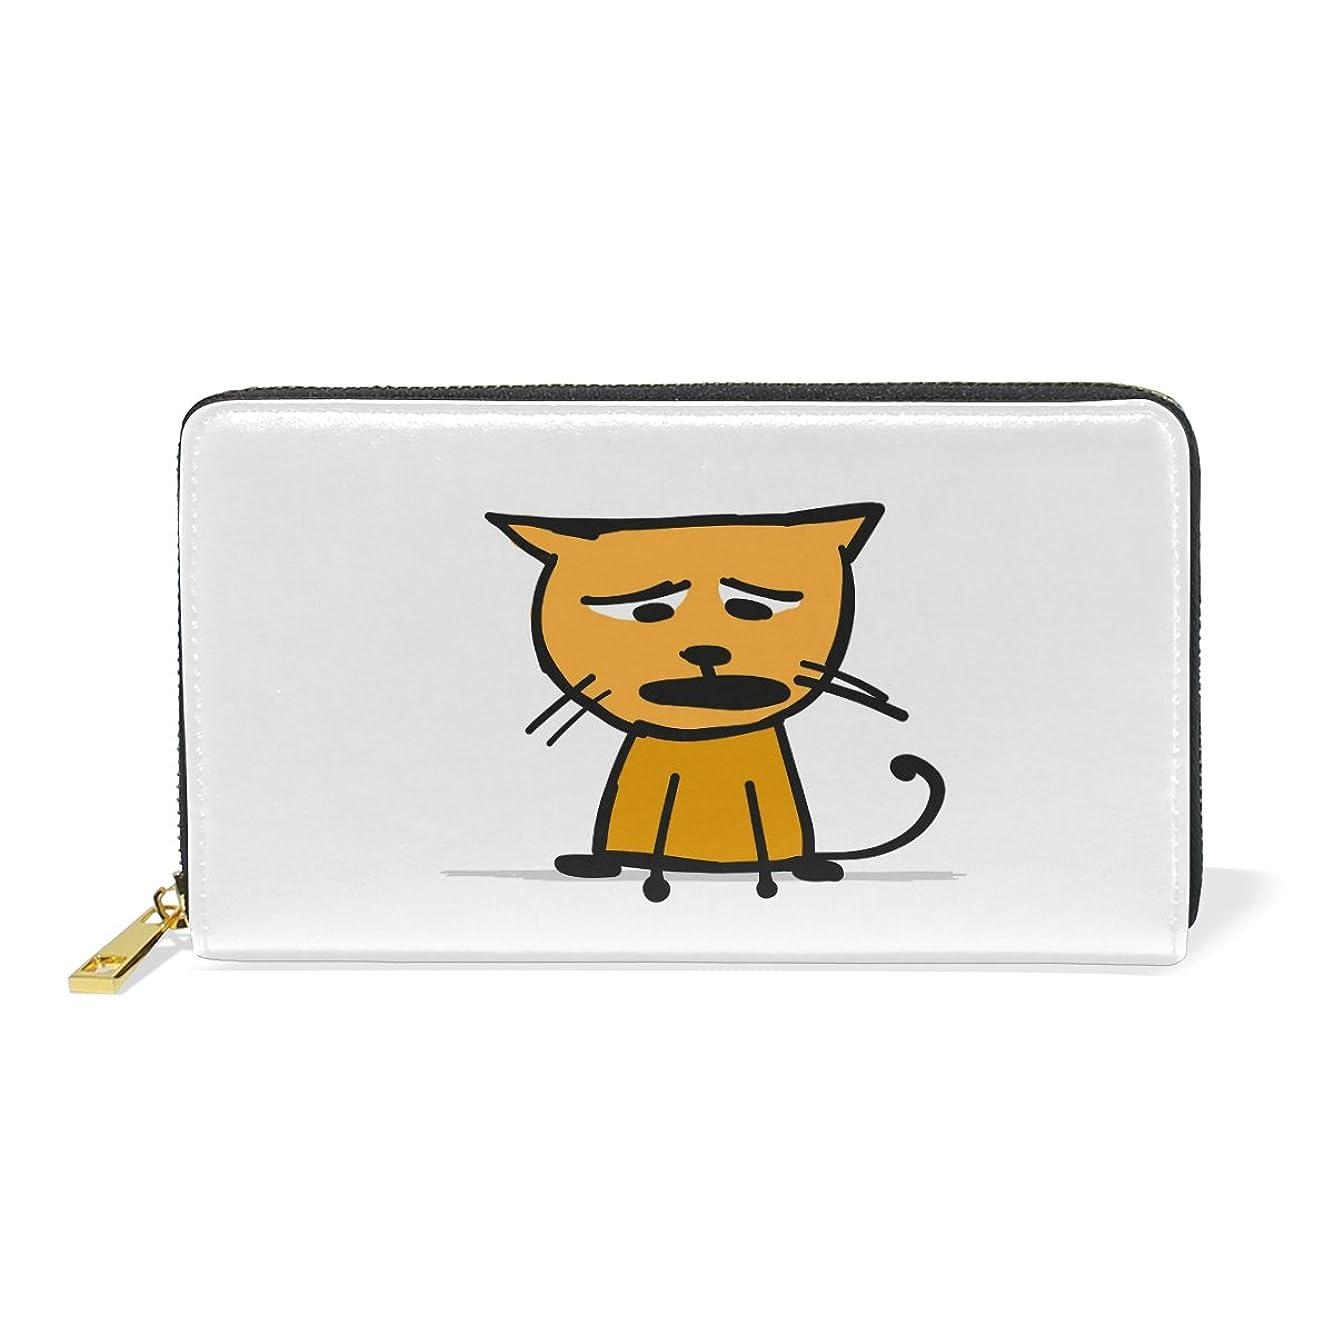 音楽を聴く物理的にUKIO(ユキオ) 財布 レディース 二つ折り 長財布 本革 人気 収納 ニャンコ 落ち込んでる猫 大容量 多機能 高級 人気 おしゃれ